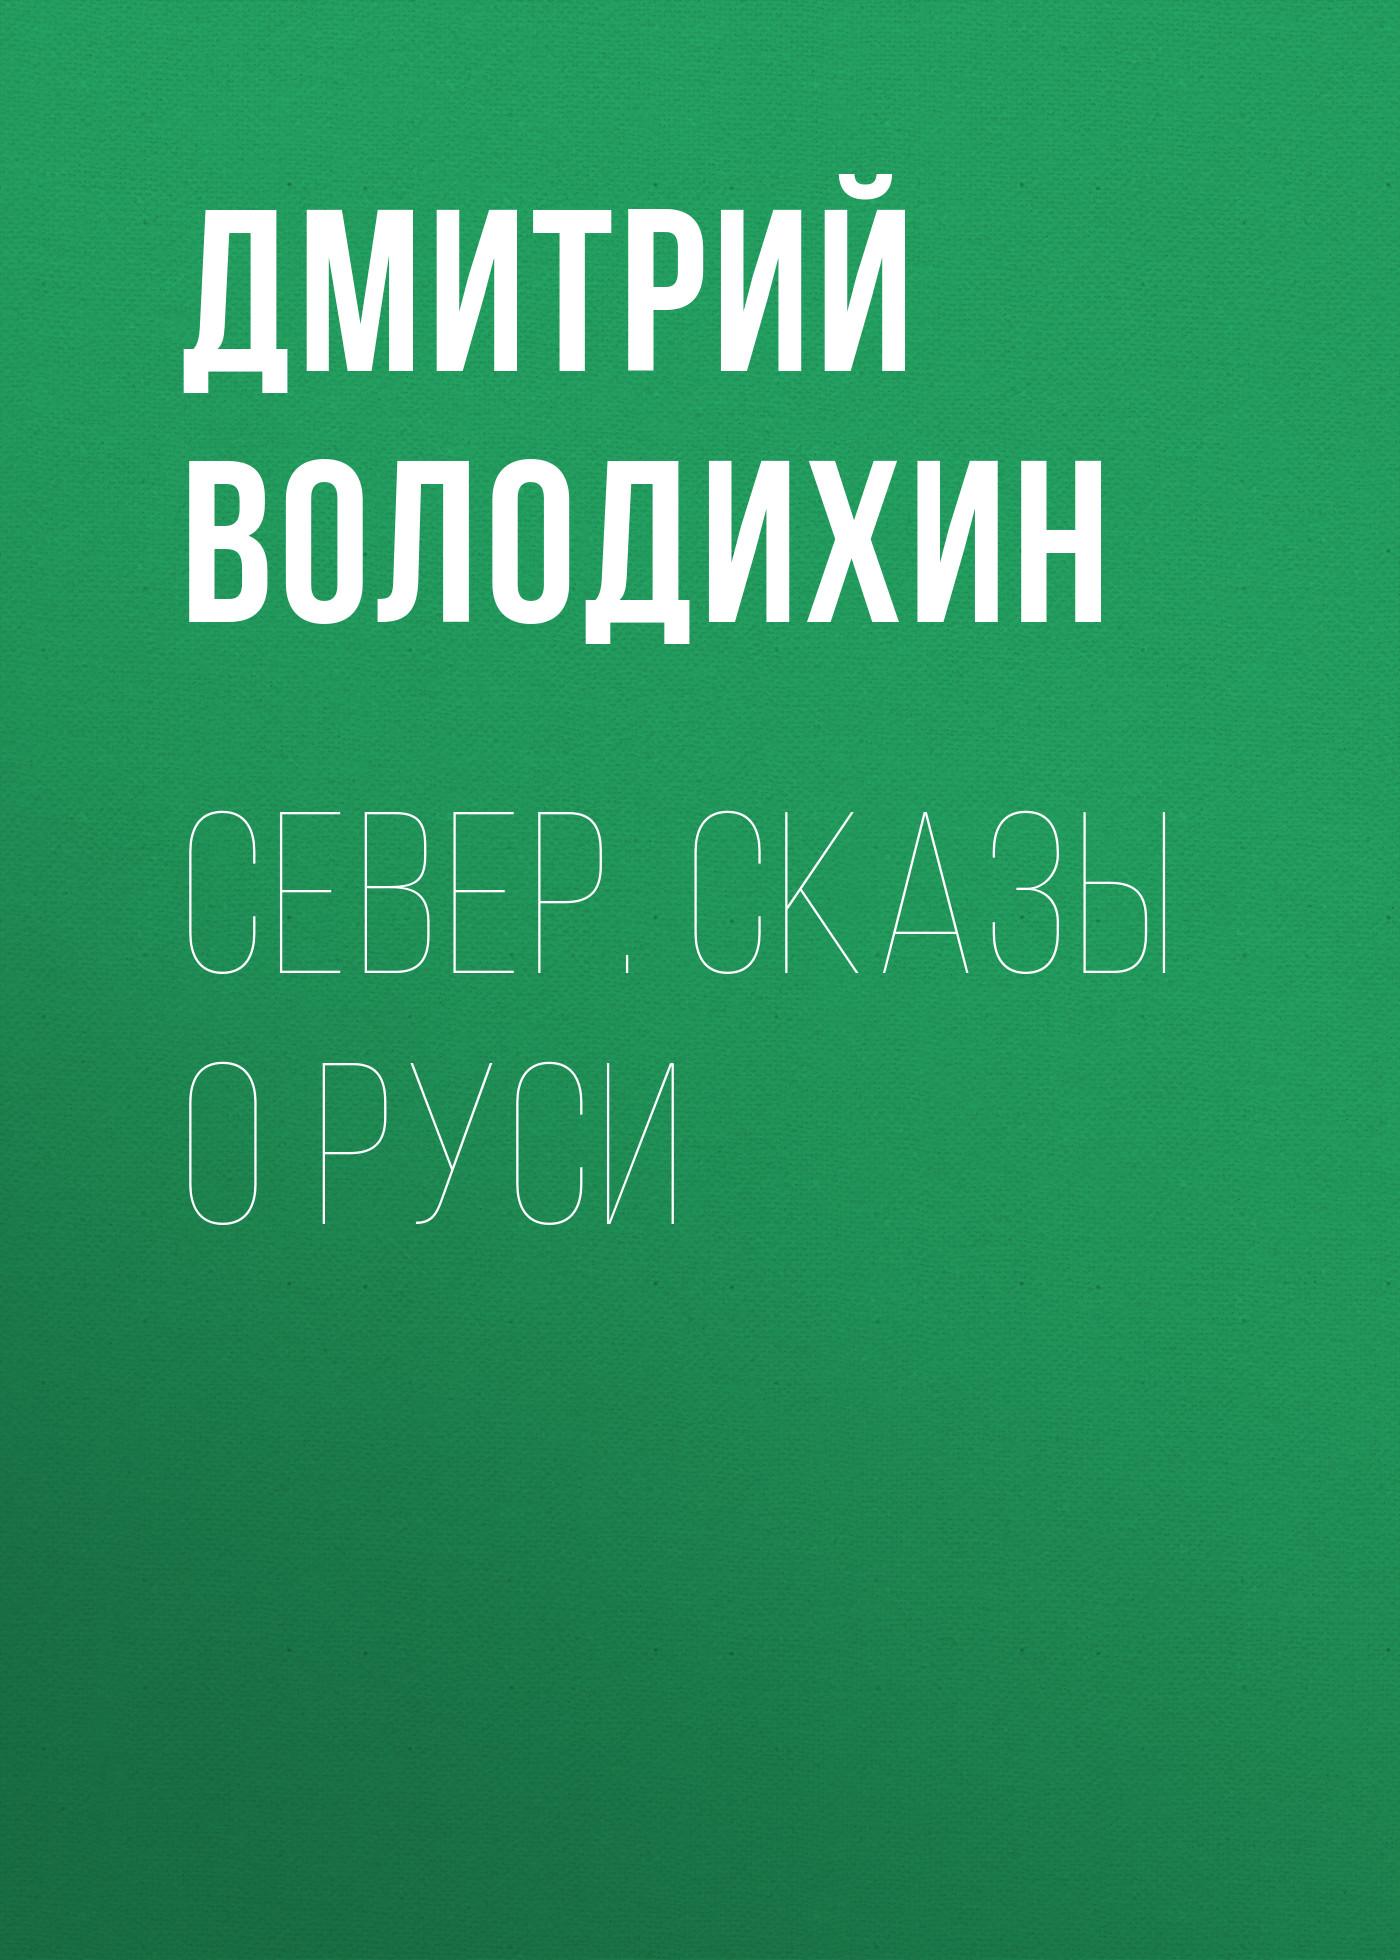 Дмитрий Володихин Север. Сказы о Руси дмитрий левочский режимбога